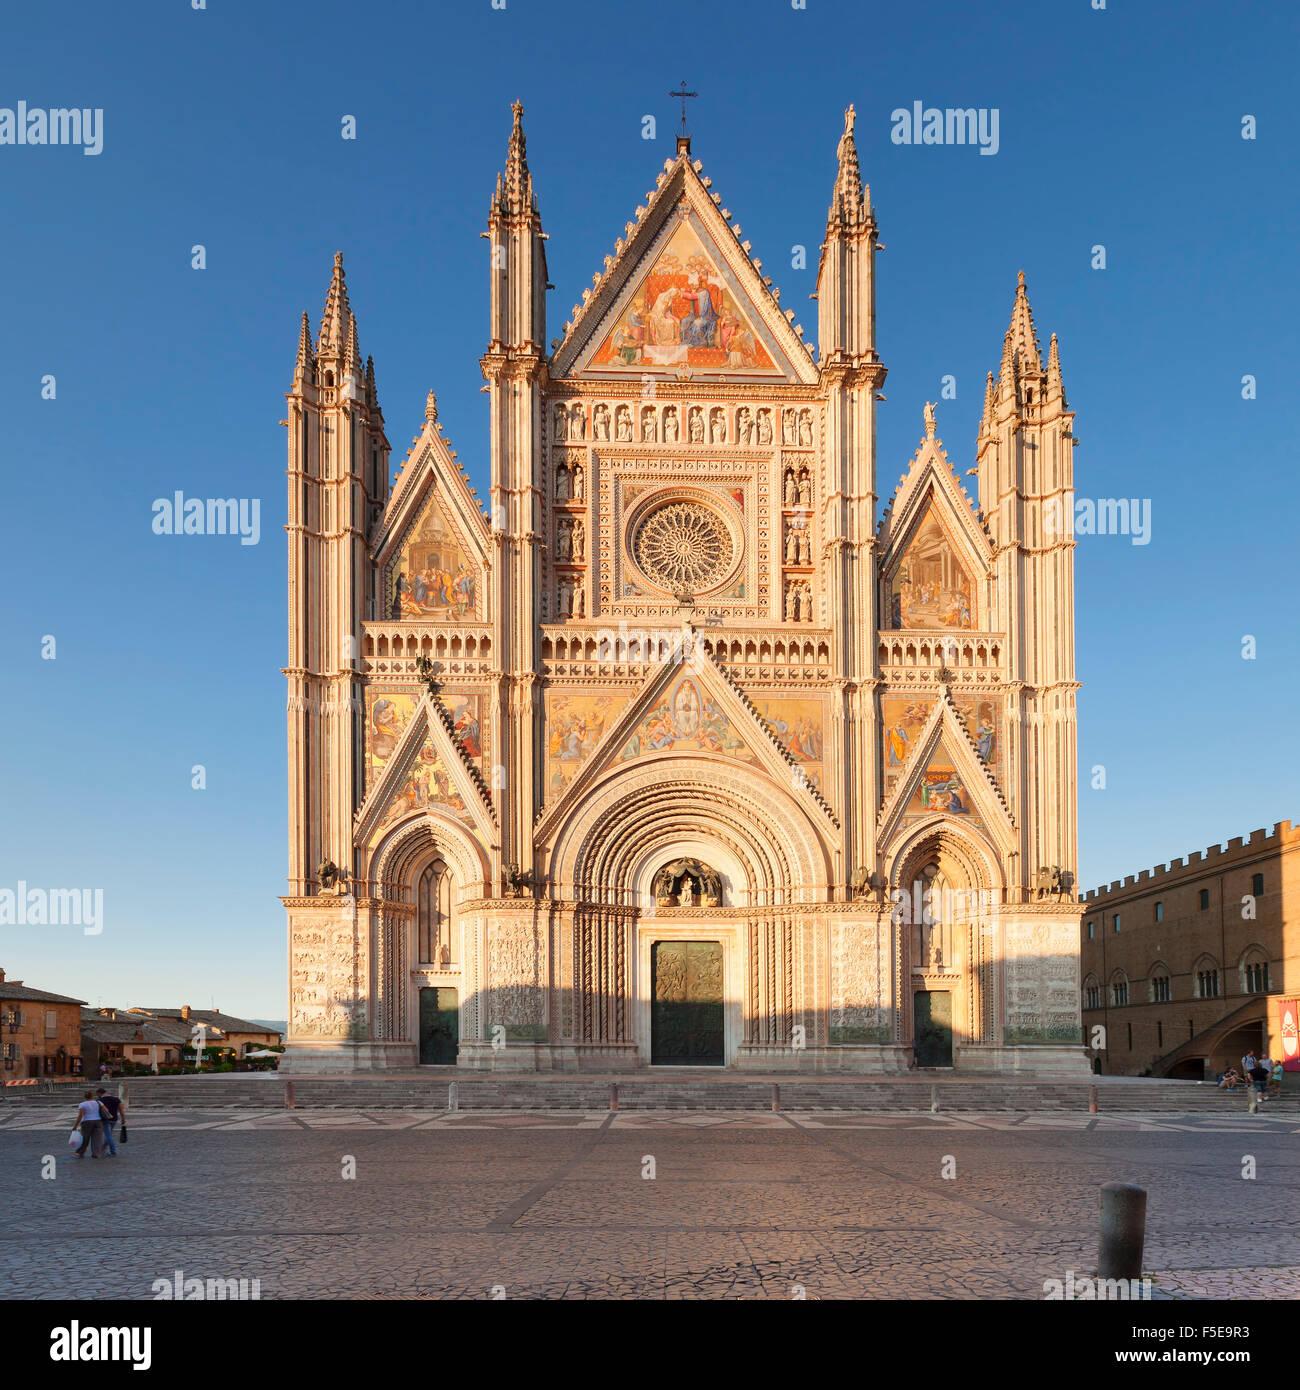 Vista de la Catedral de Santa María, Orvieto, provincia de Terni, en Umbría, Italia, Europa Foto de stock